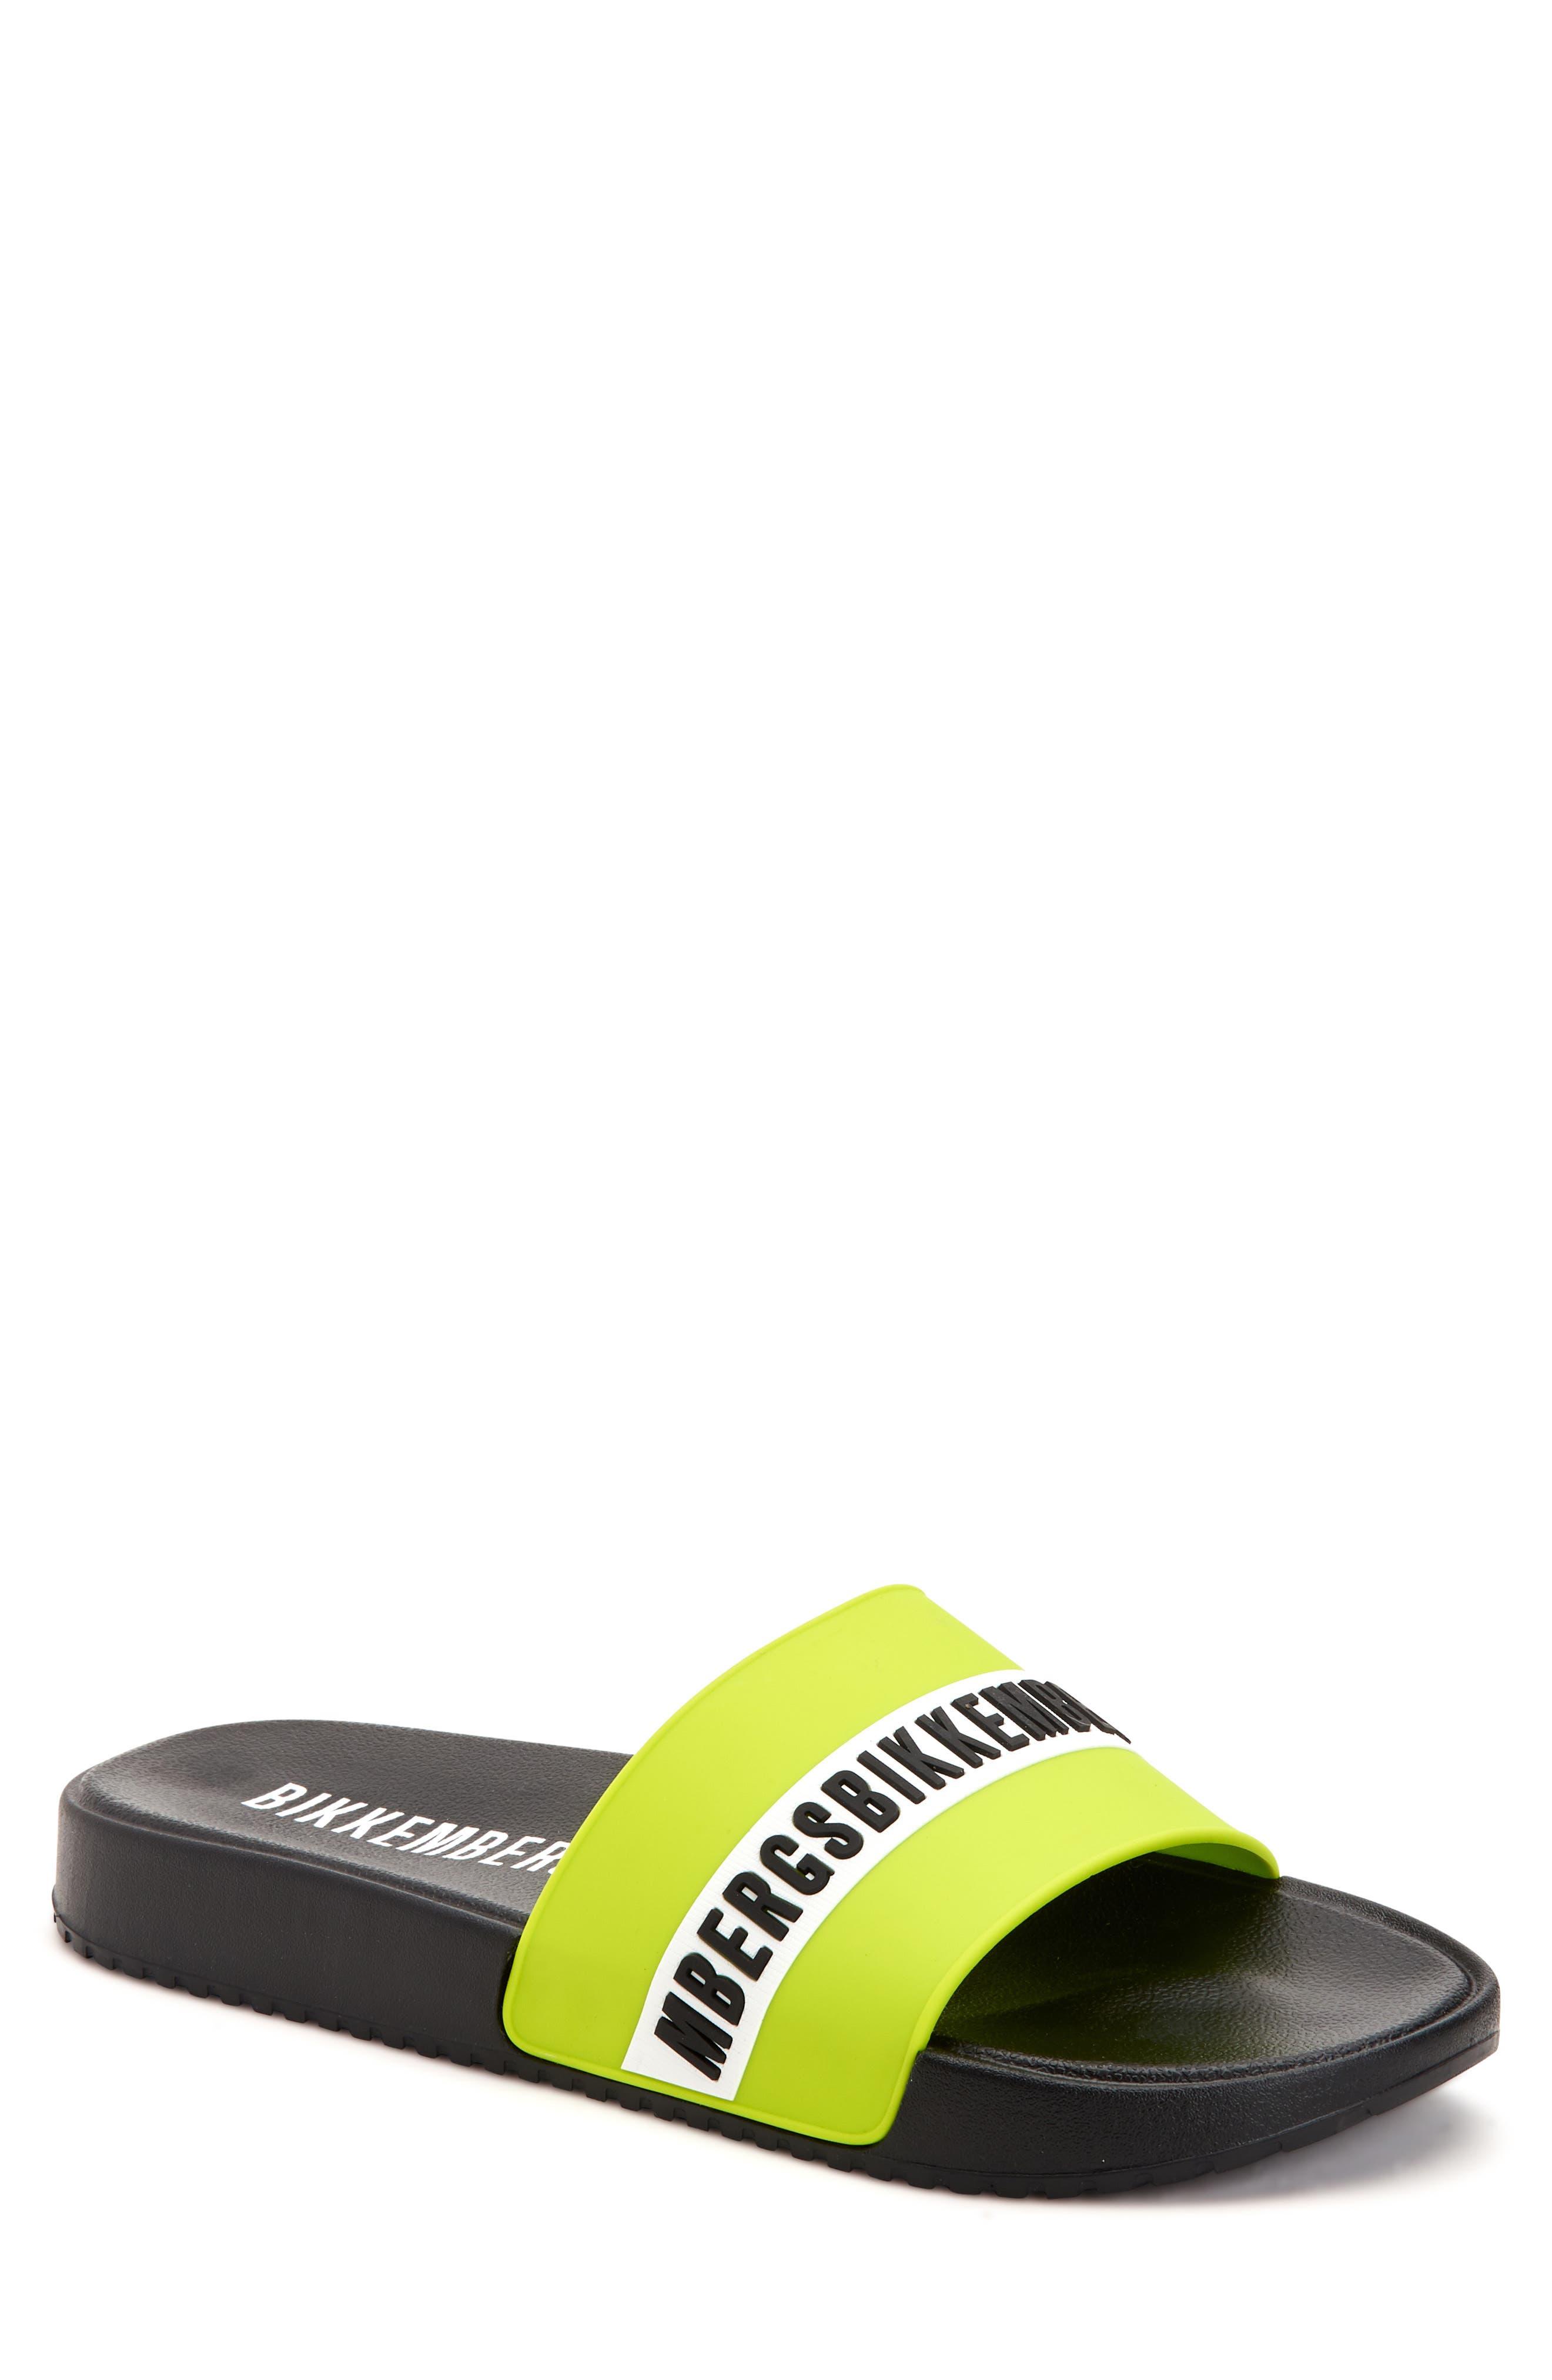 Roger Pool Slide Sandal